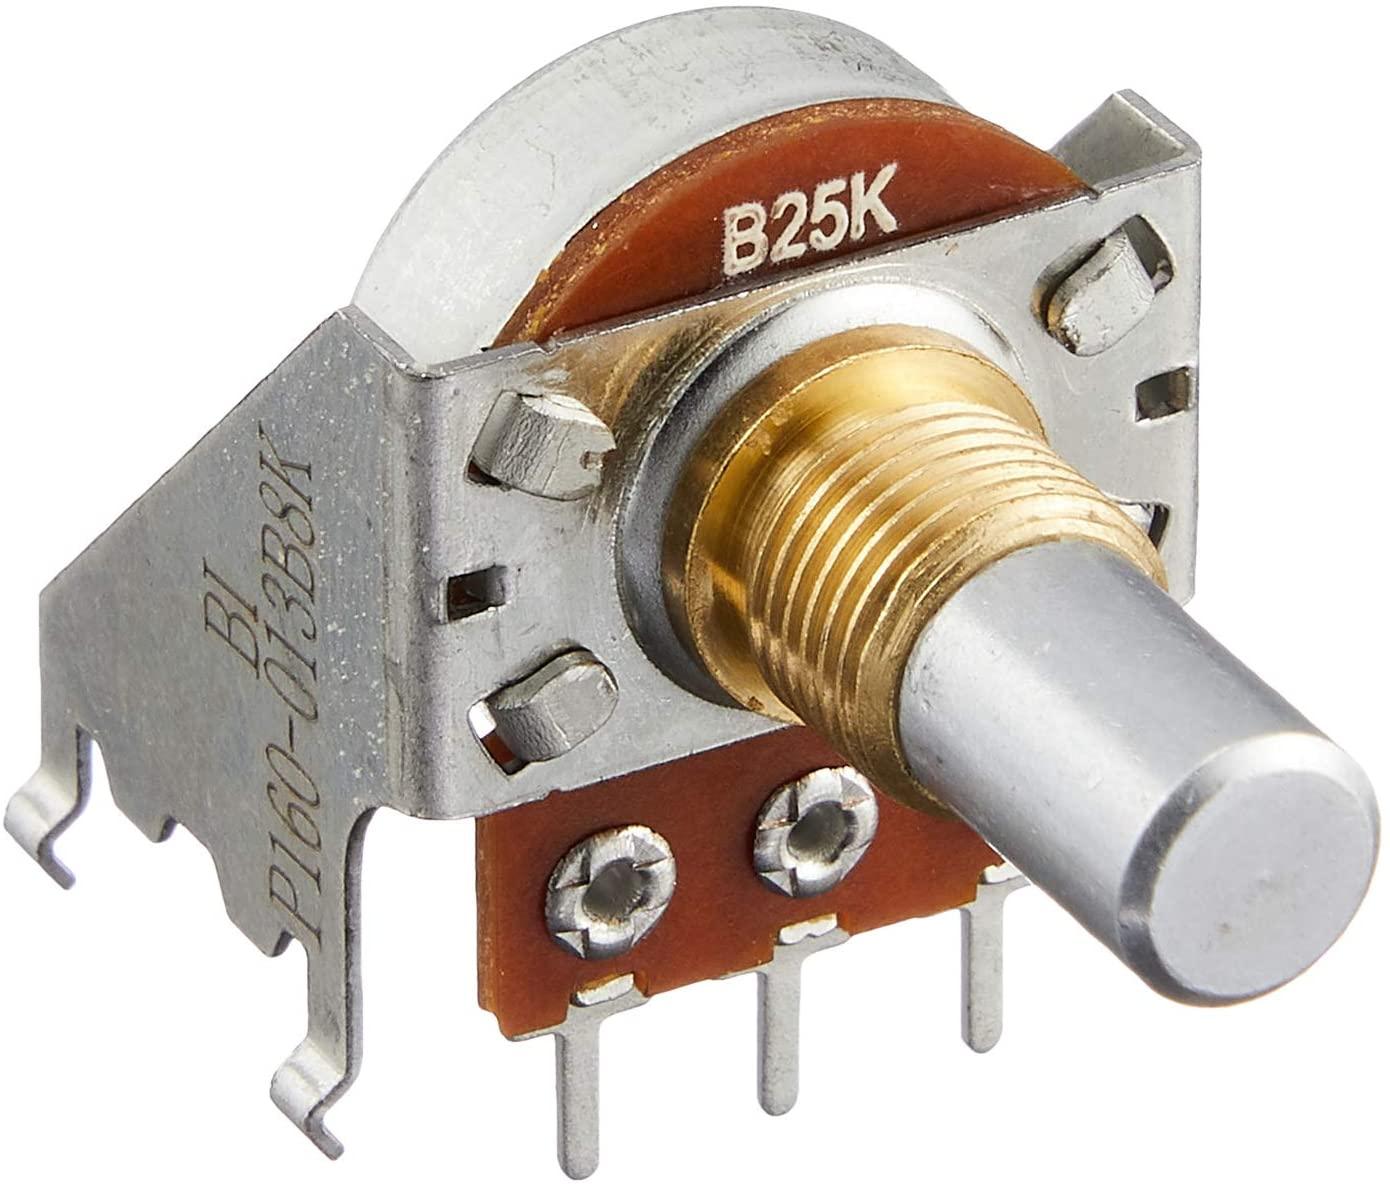 FENDER-25K-B-Taper-Snap-In-Style-Potentiometer-sku-571000959